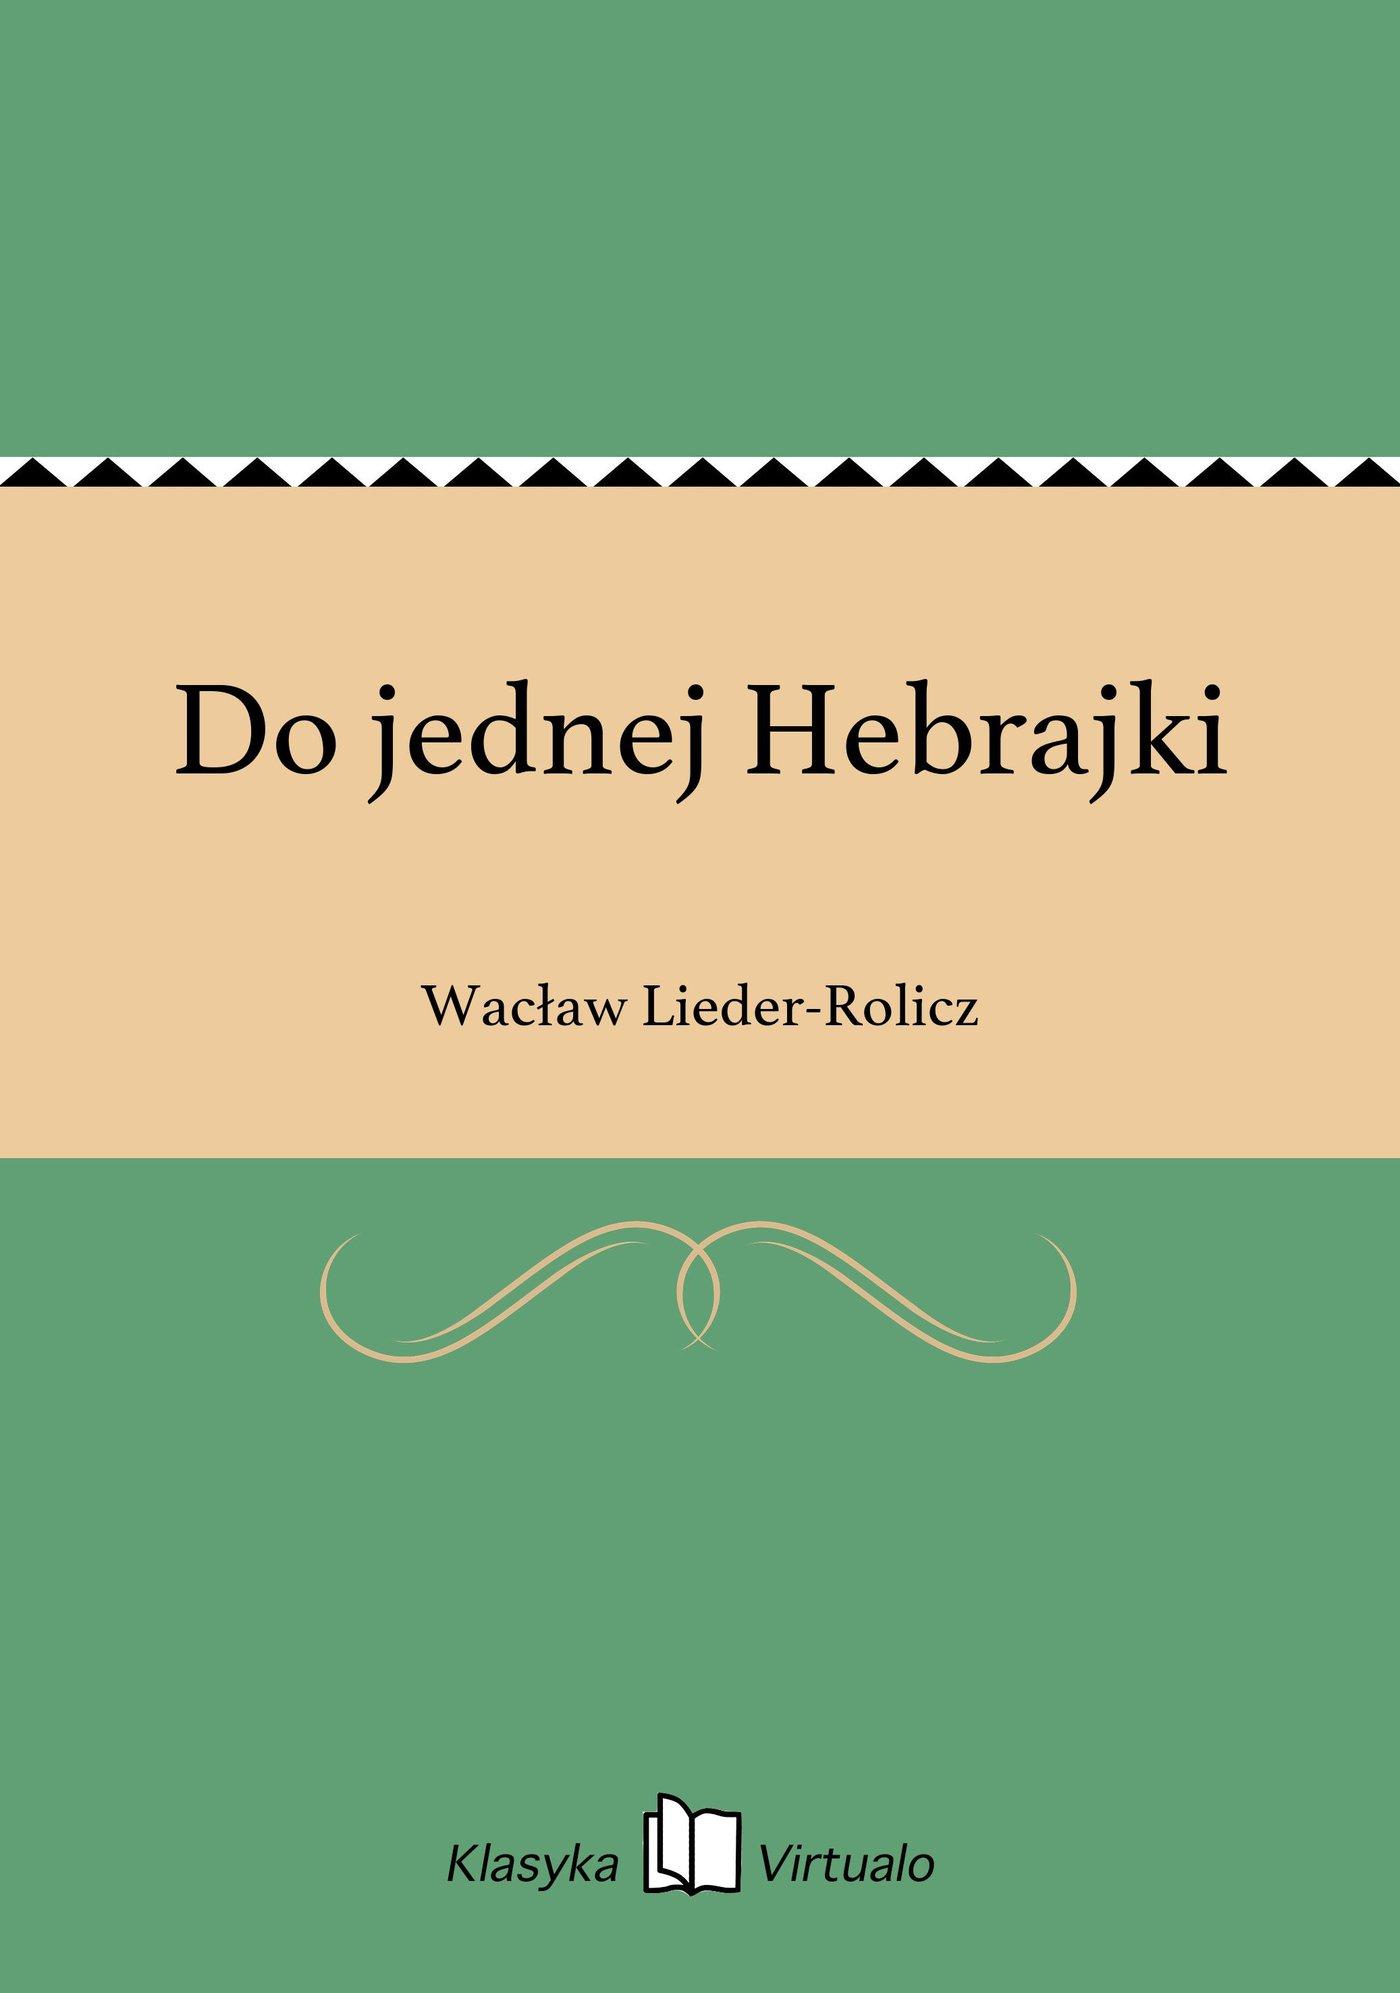 Do jednej Hebrajki - Ebook (Książka EPUB) do pobrania w formacie EPUB